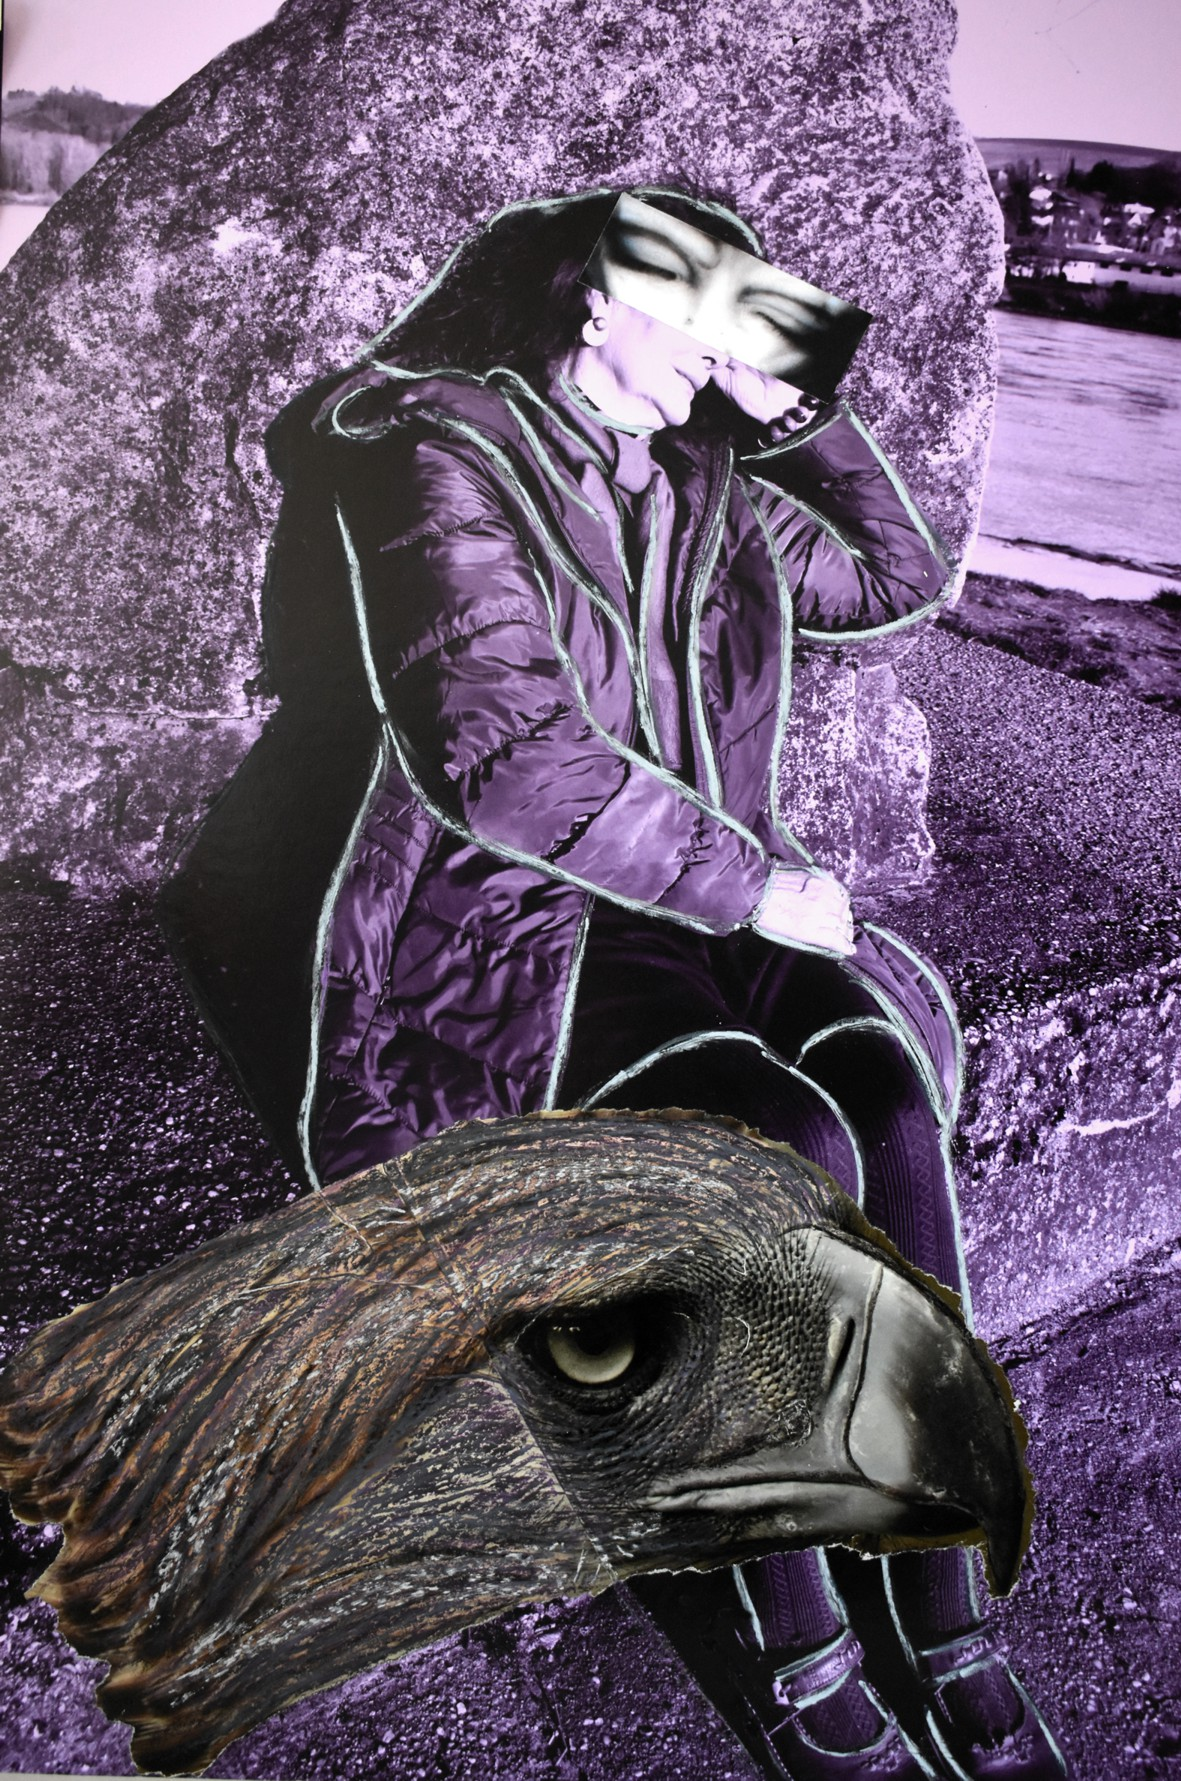 WAKE UP !  Erwache Weisheit...  , FotoCollage 2018, FINE-Art Gallery-Print auf Museumskarton, manuell überarbeitet, hxb 70 x 50 cm